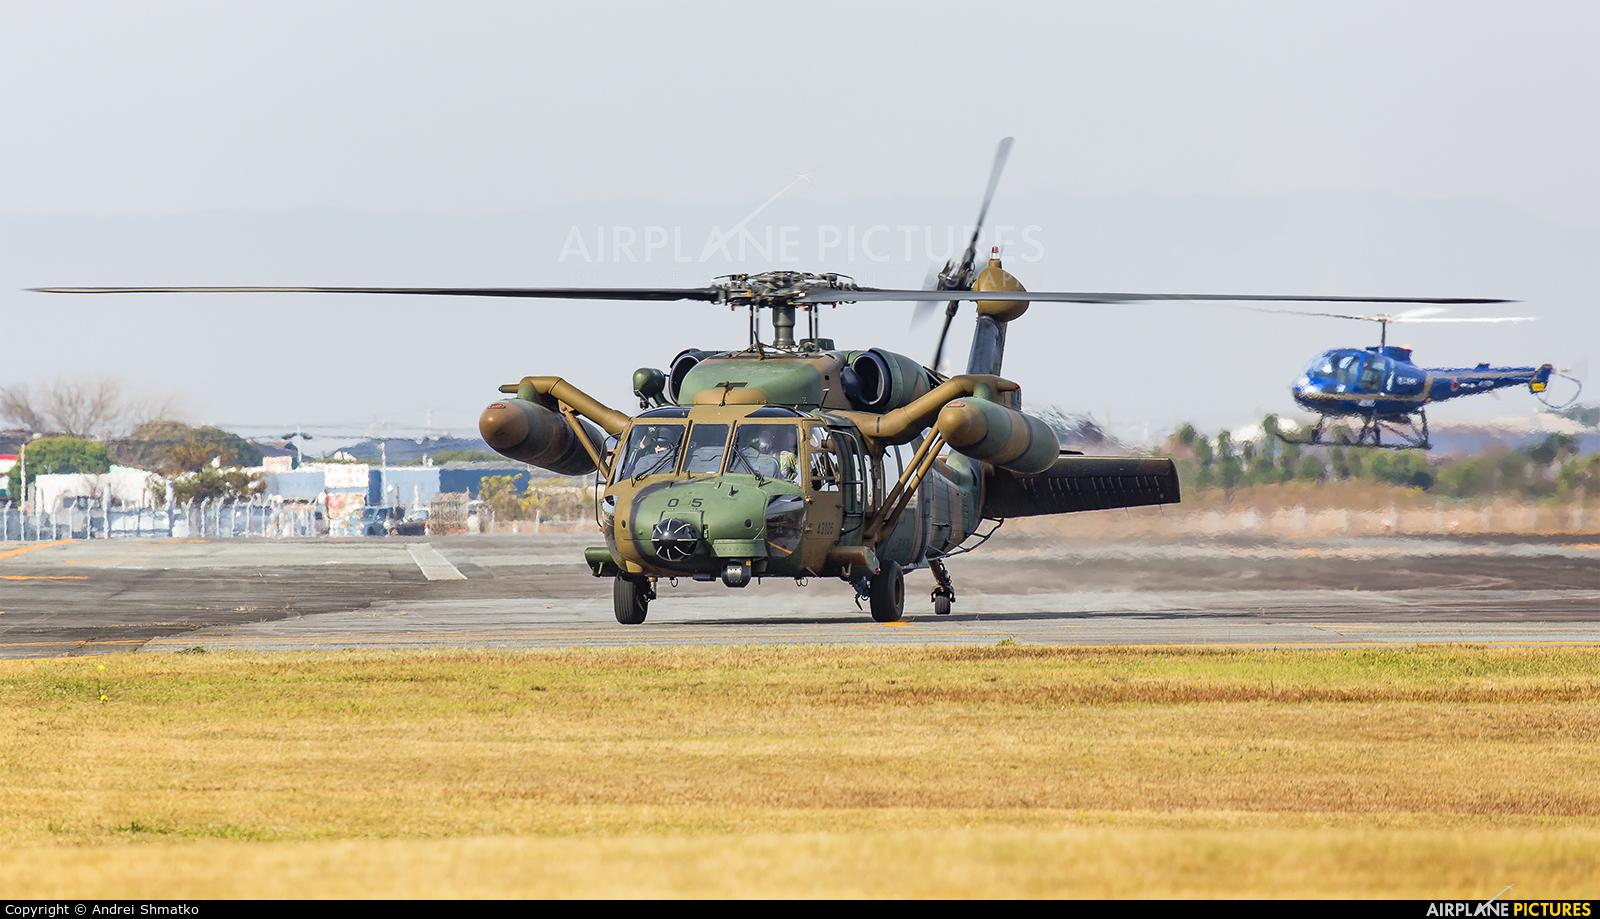 Japan - Ground Self Defense Force 43105 aircraft at Akeno Air Field